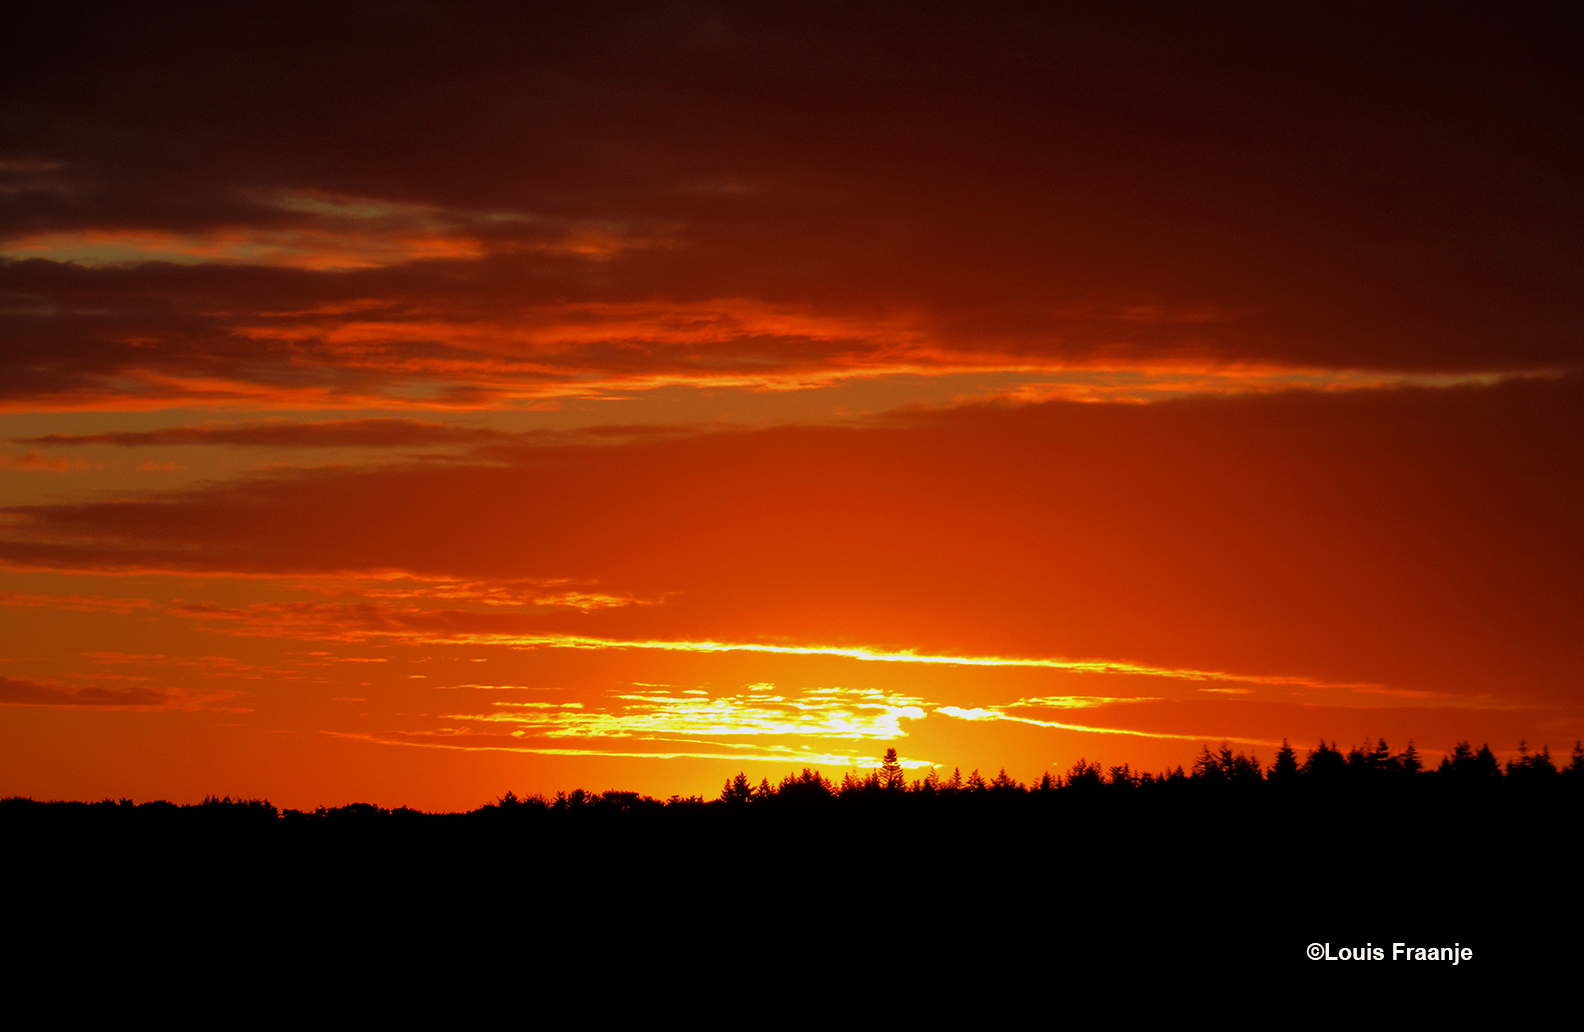 Prachtig ochtendgloren vanmorgen om 06.05 uur boven de Veluwse bossen - Foto: ©Louis Fraanje